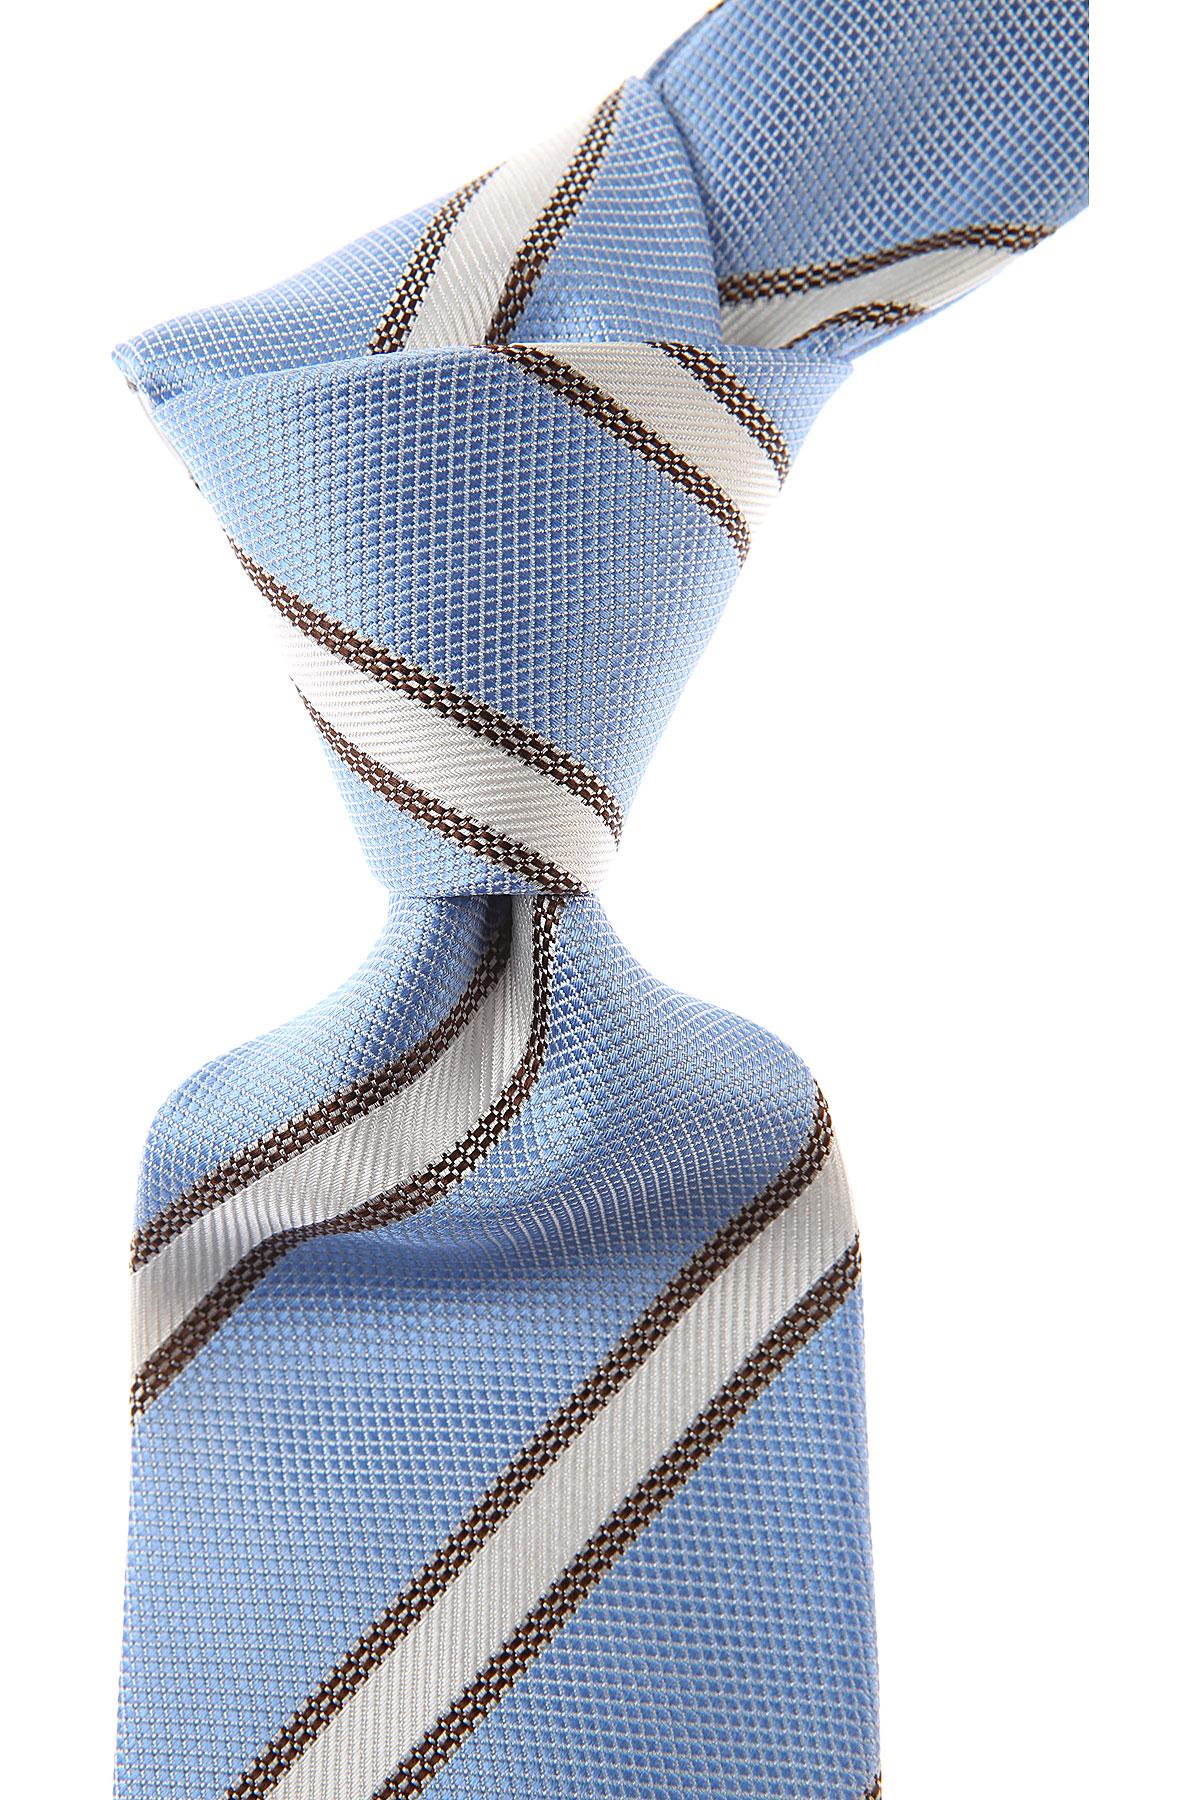 Belvest Cravates Pas cher en Soldes, Bleu ciel clair, Soie, 2017